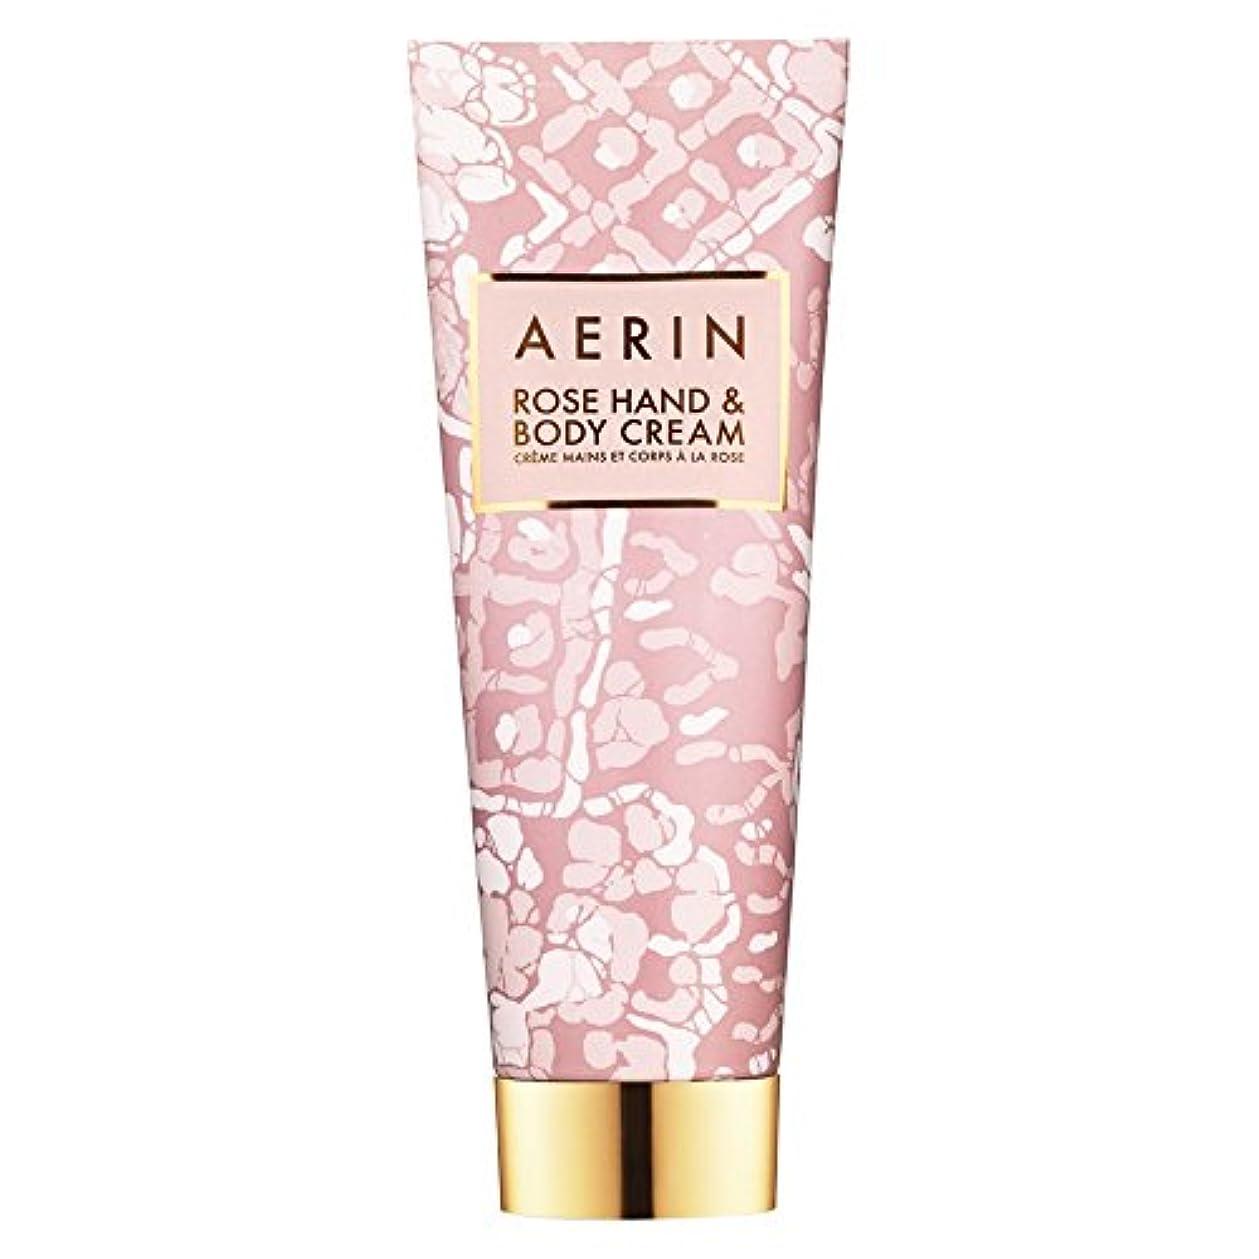 進化制限された首Aerinはハンド&ボディクリーム125ミリリットルをバラ (AERIN) (x2) - AERIN Rose Hand & Body Cream 125ml (Pack of 2) [並行輸入品]